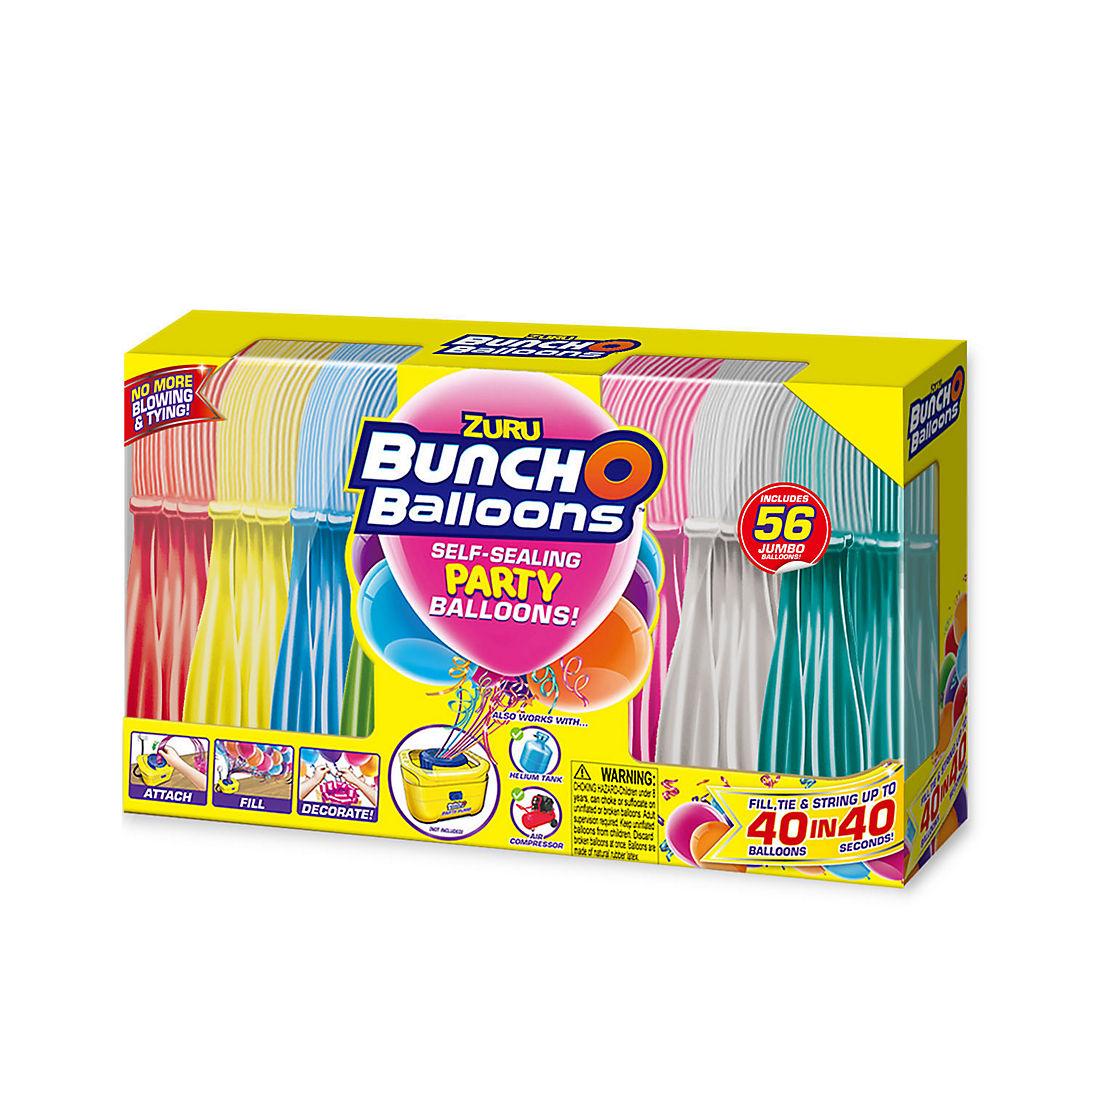 8491a471 Zuru Bunch O Balloons Self-Sealing Party Balloons, 56 ct.